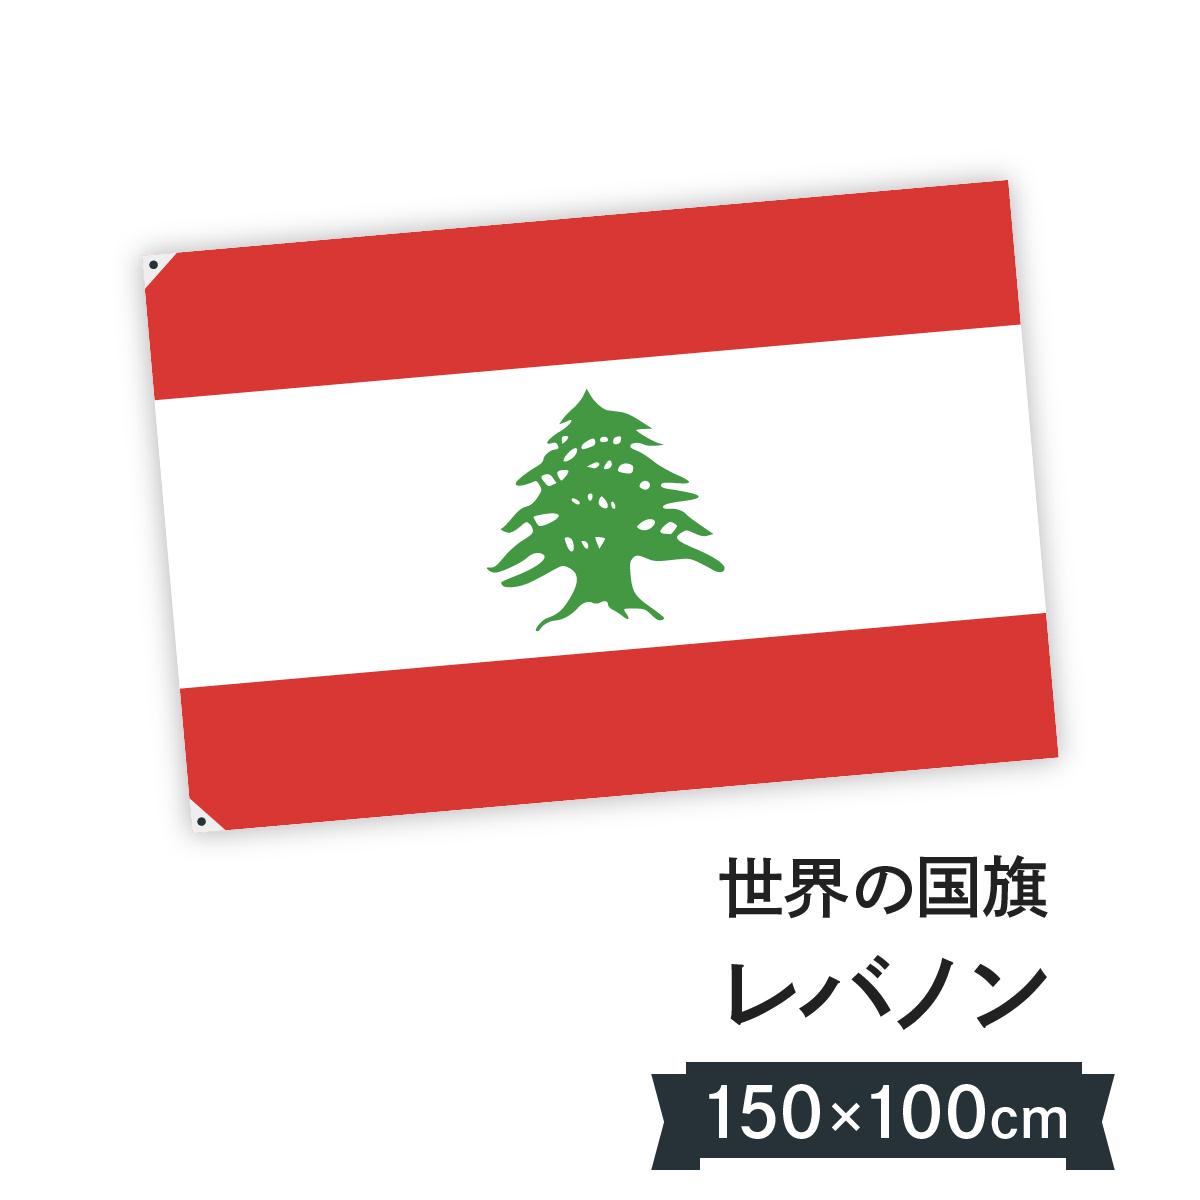 レバノン共和国 国旗 W150cm H100cm